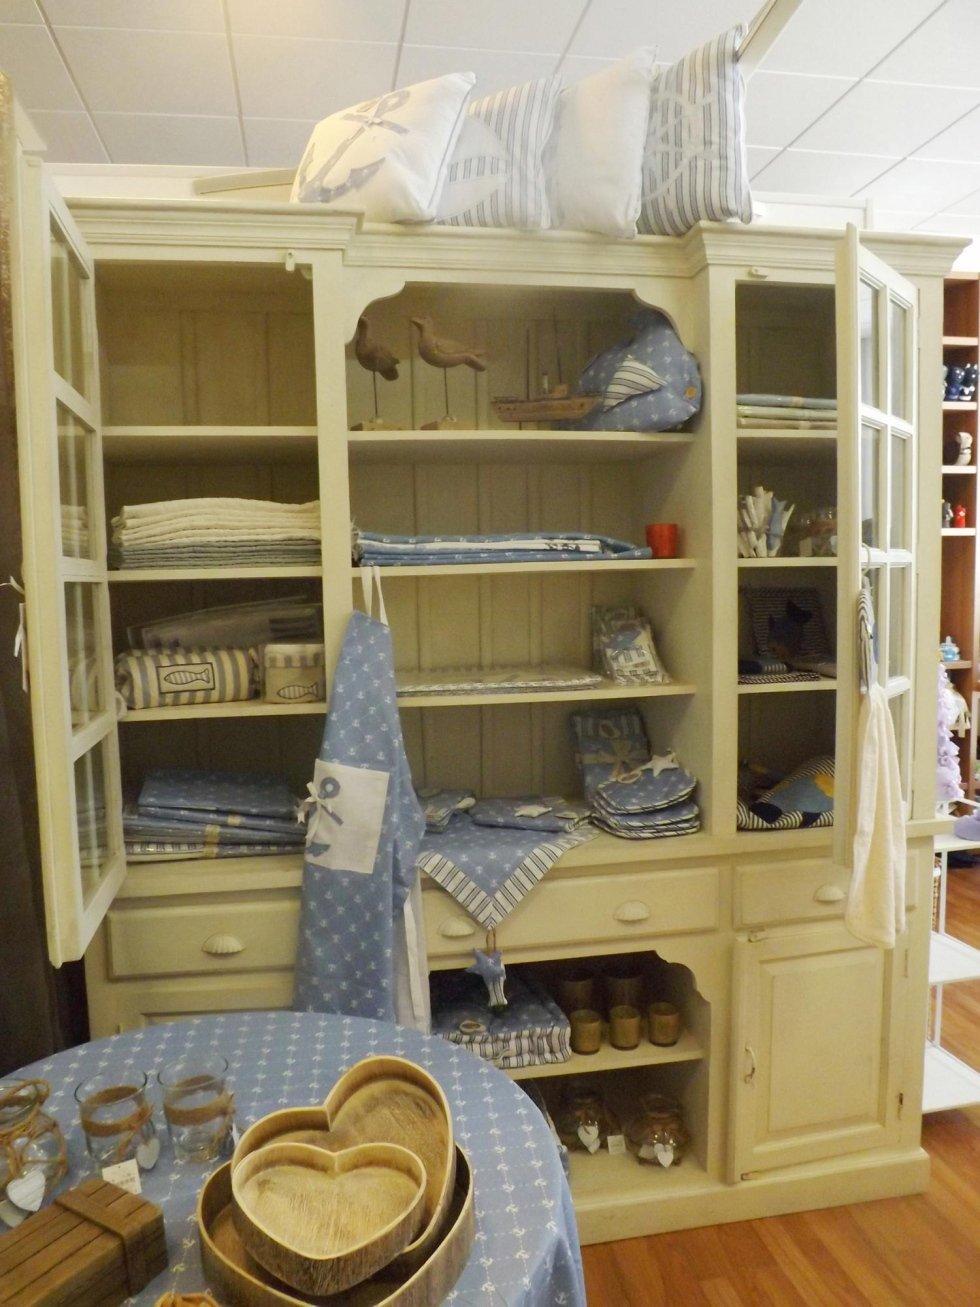 Oggetti casa buttrio manzano udine home sweet home for Oggettistica casa